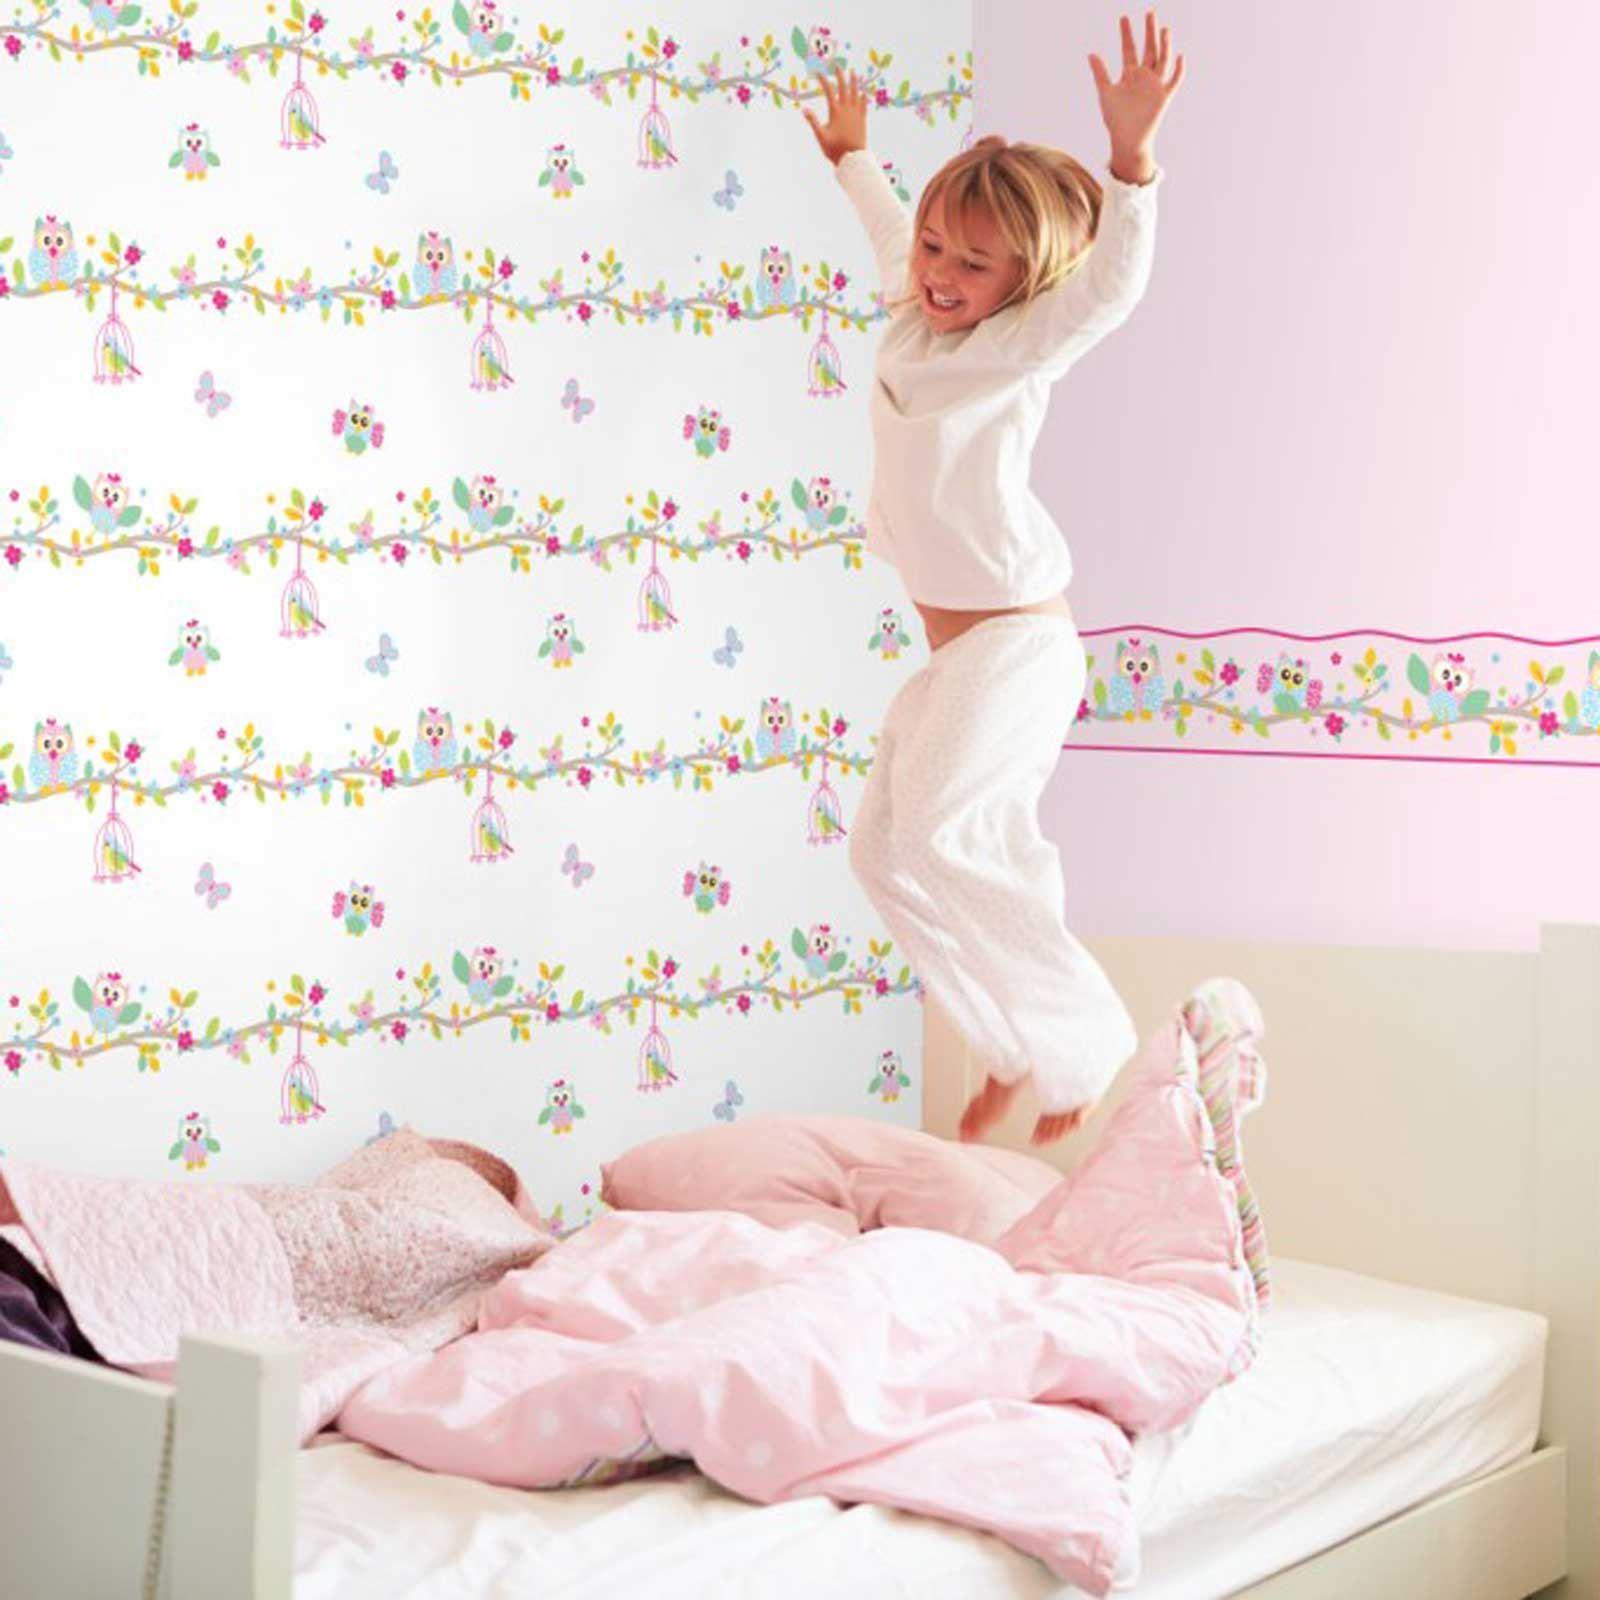 Girls Generic Bedroom Wallpaper Borders Butterfly Flowers Birds Wall Decor Kids Ebay